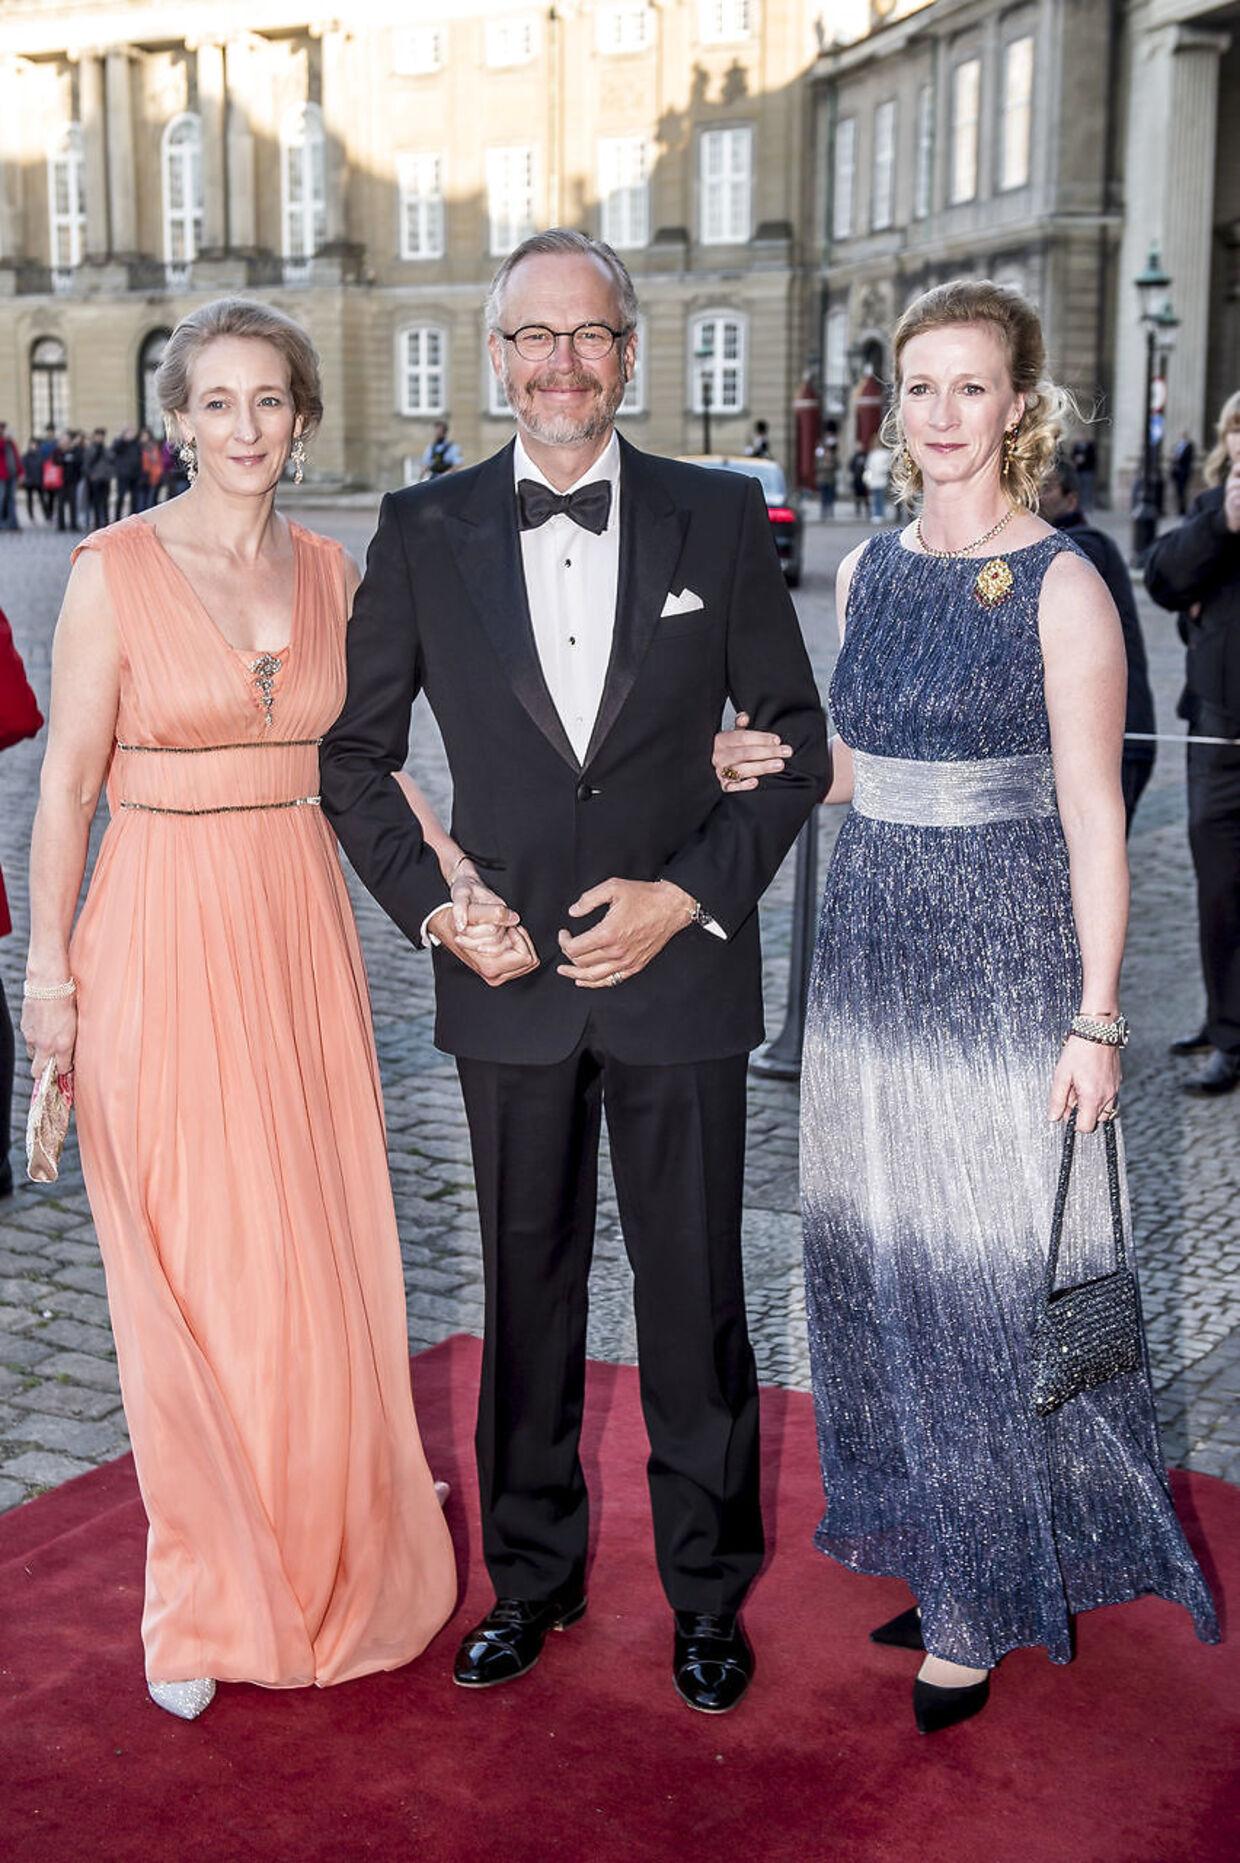 Prinsesse Alexandra af Sayn-Wittgenstein-Berleburg (tv.) og Michael Ahlefeldt-Laurvig-Bille har dannet par siden 2017.